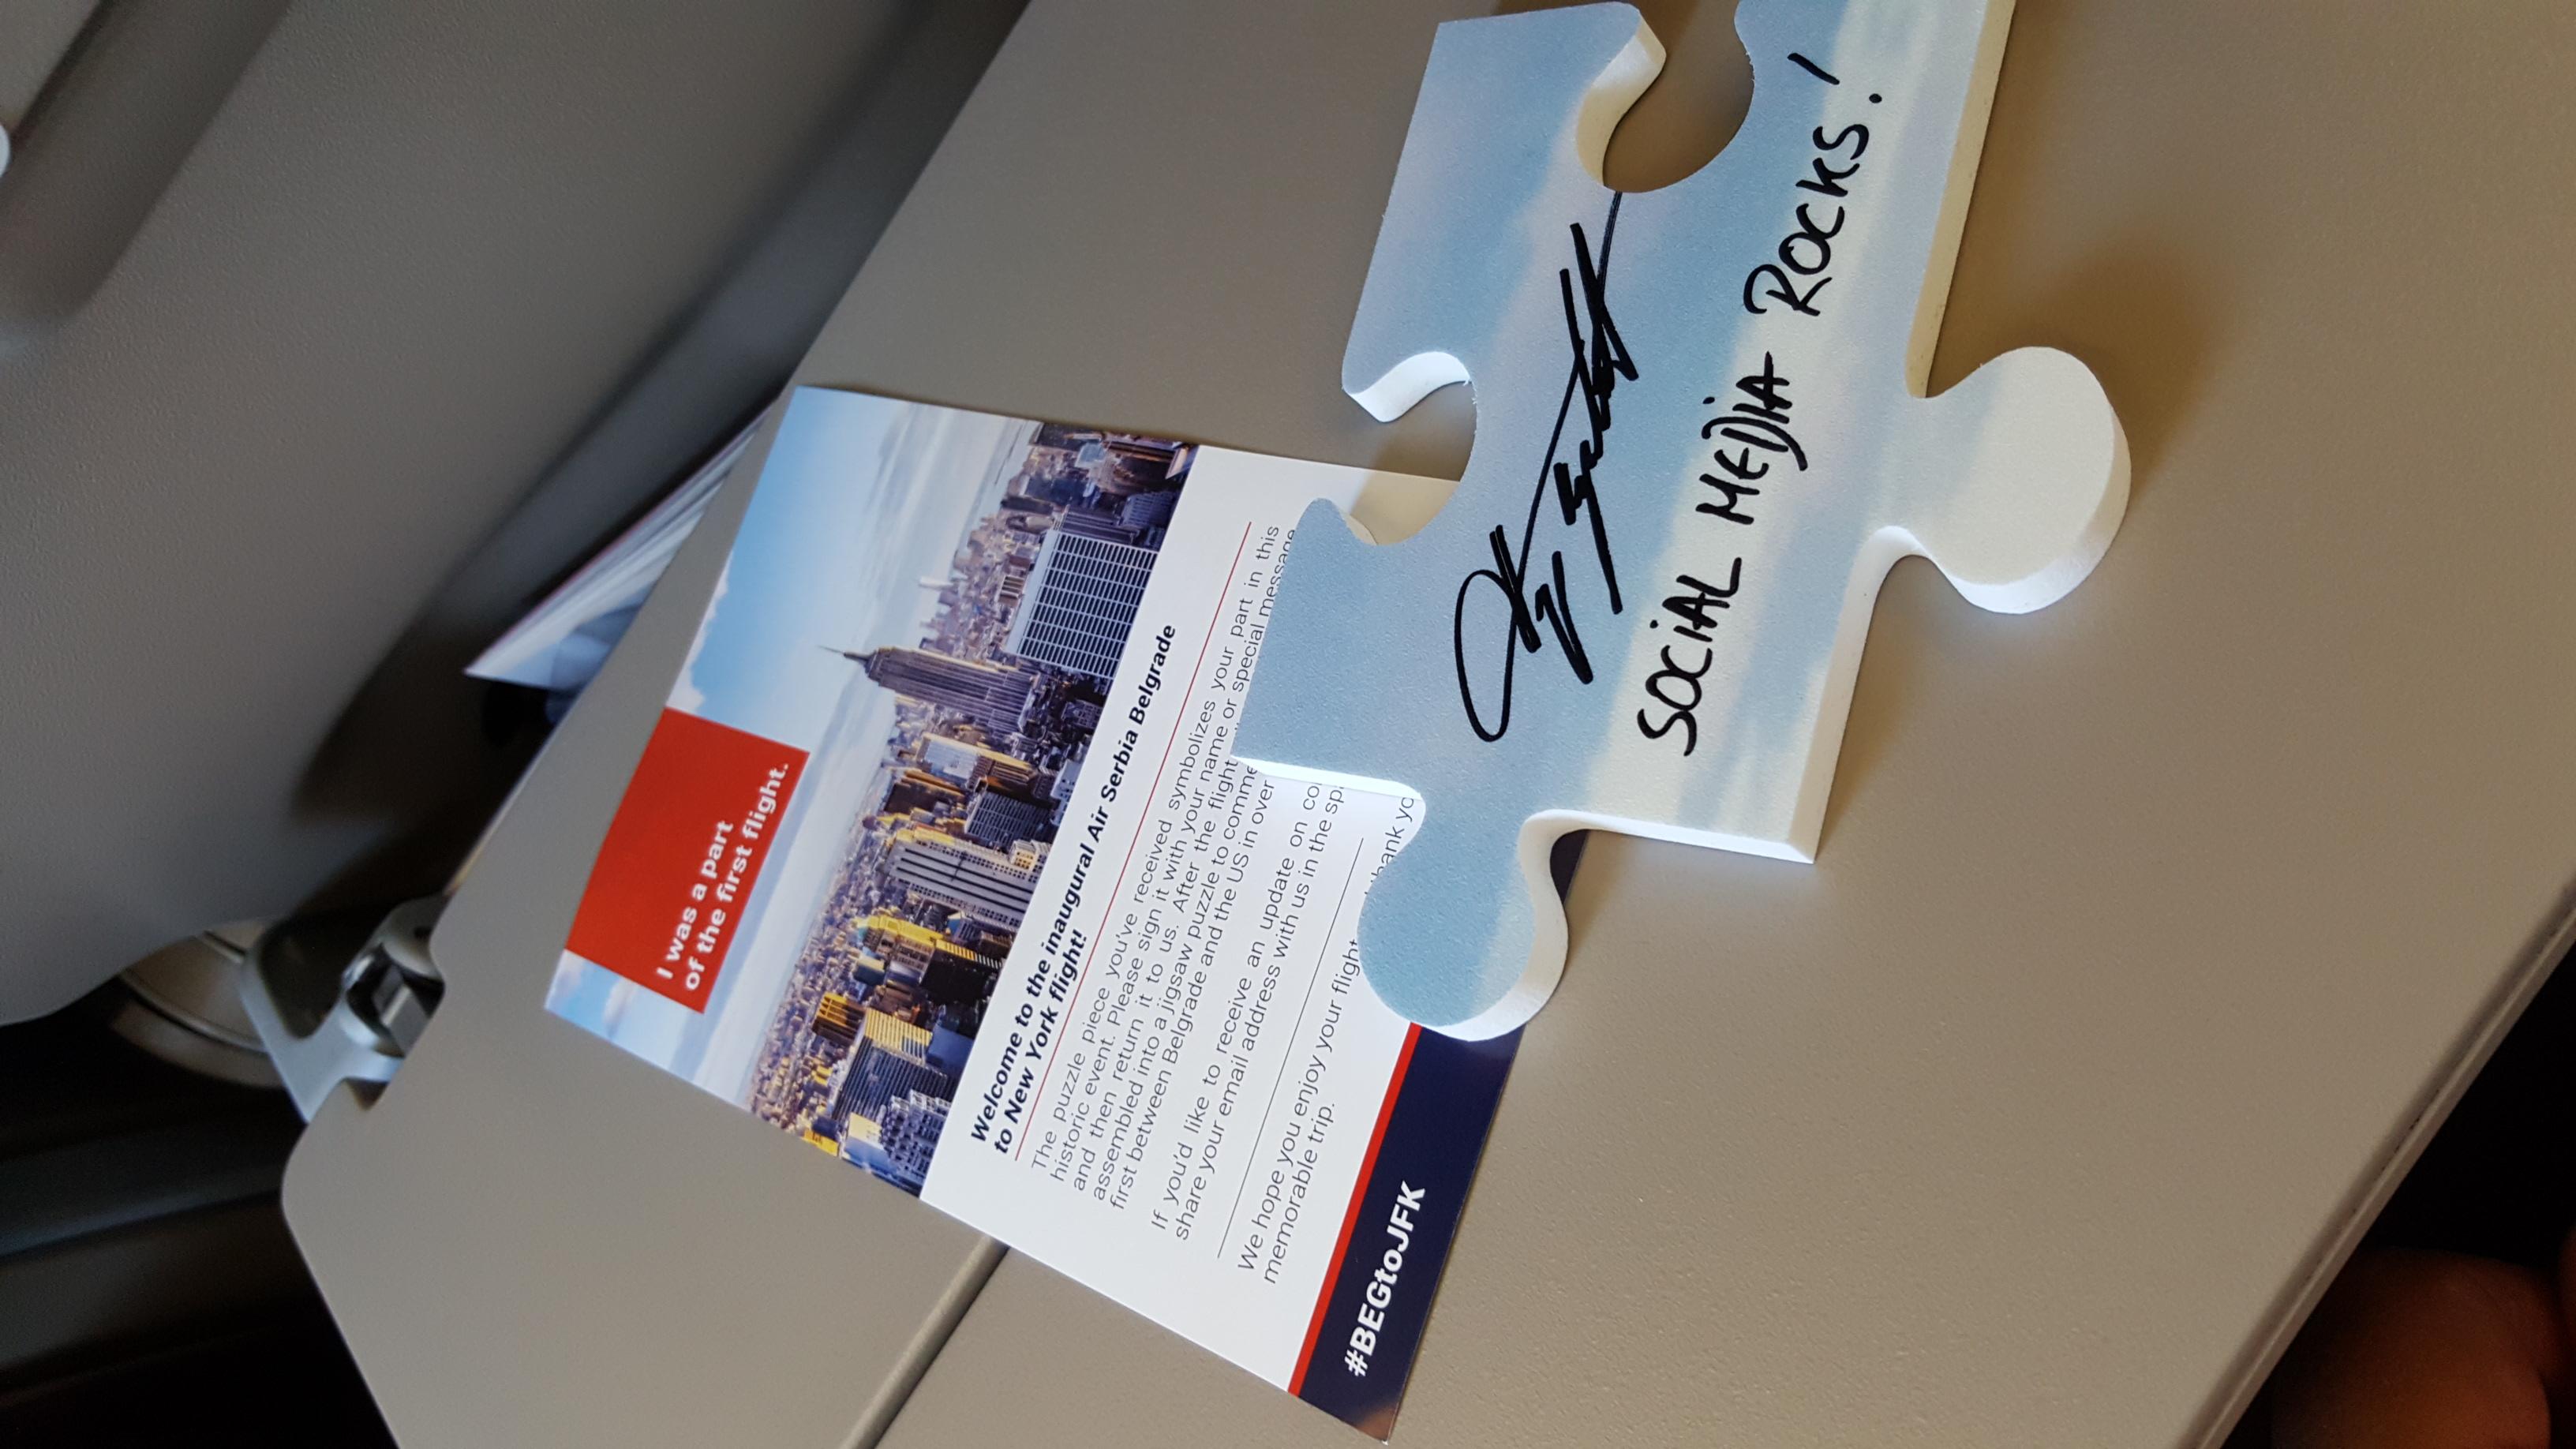 Social media tim Er Srbije smislio je zanimljivu aktivaciju za putnike. Svako će se potpisati na deo slagalice koja će se naknadno sastaviti i nalaziti u prostorijama kompanije / Foto: Petar Vojinović